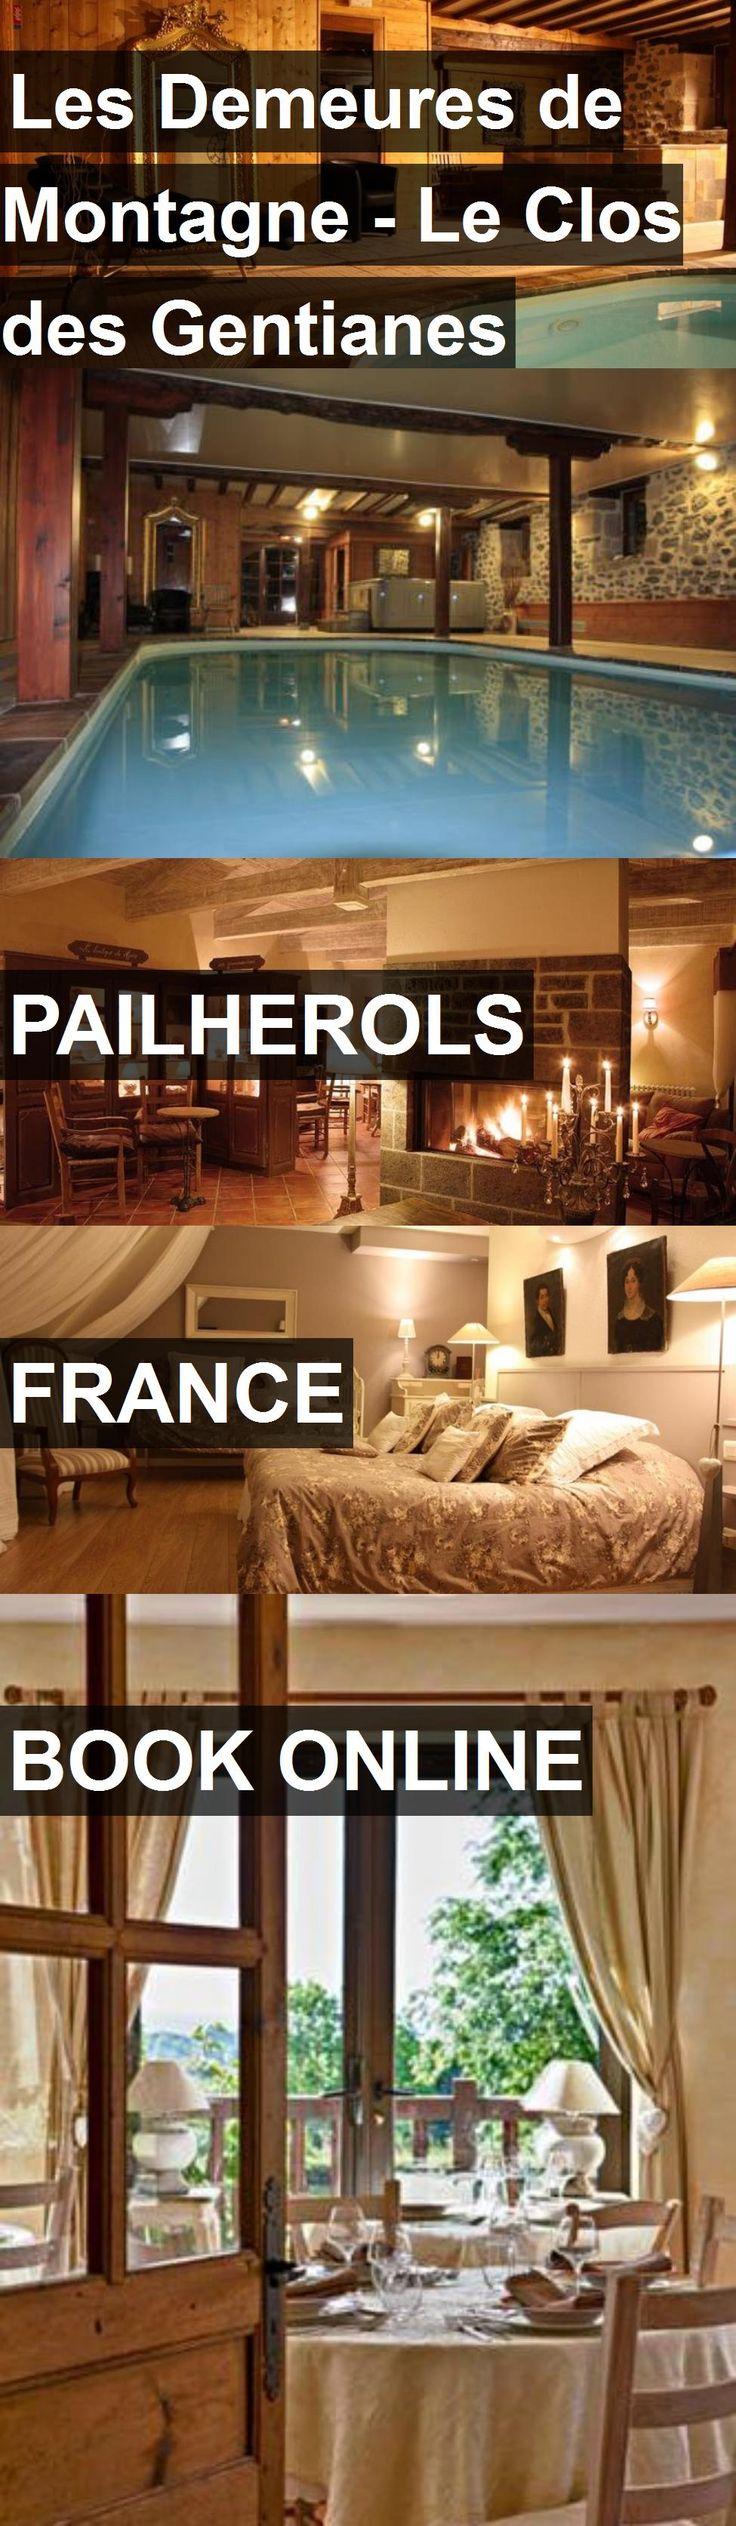 Hotel Les Demeures de Montagne - Le Clos des Gentianes in Pailherols, France. For more information, photos, reviews and best prices please follow the link. #France #Pailherols #travel #vacation #hotel